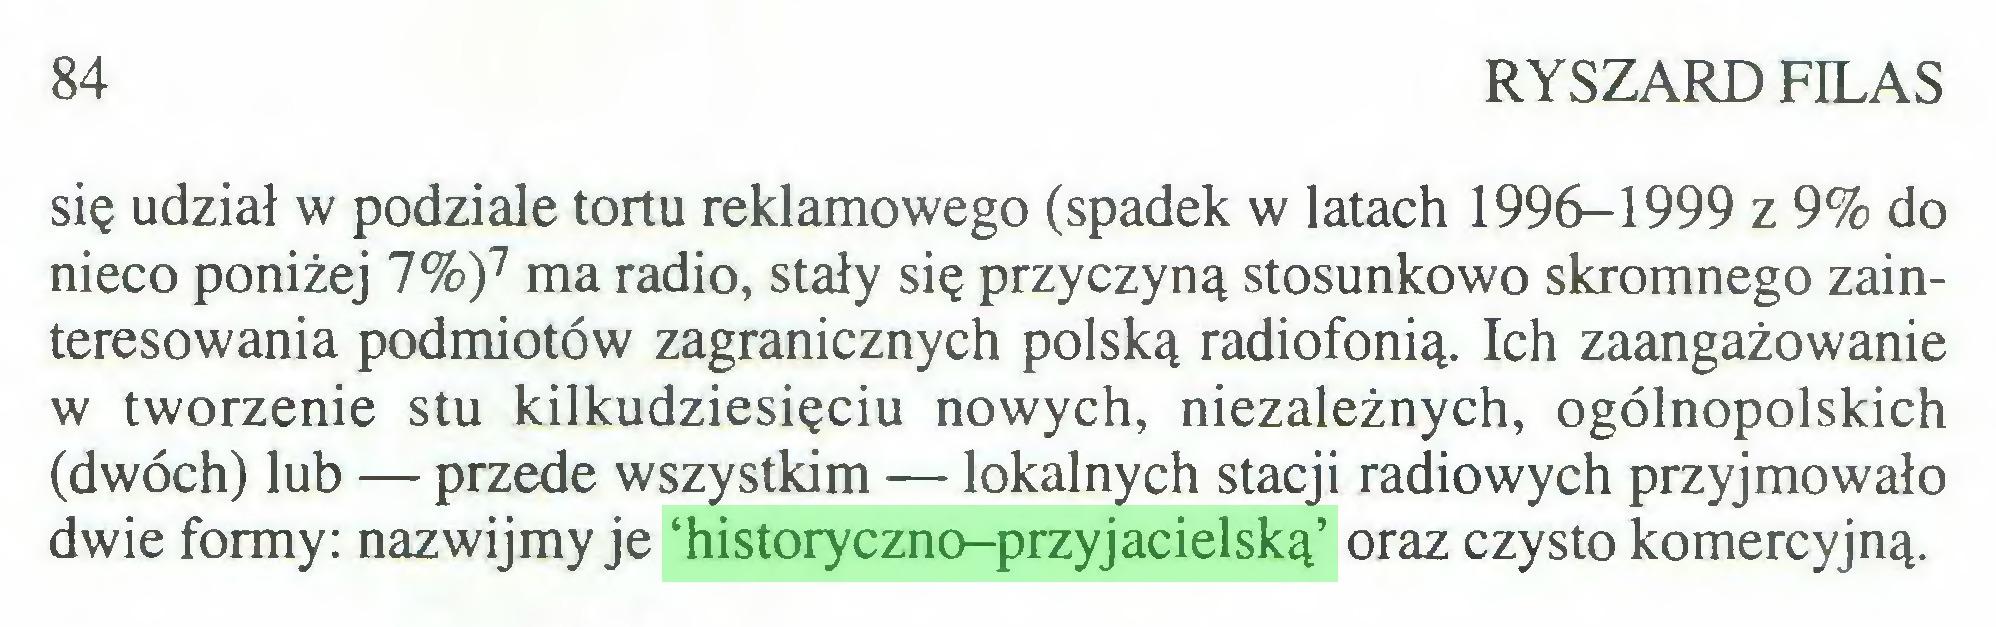 (...) 84 RYSZARD FILAS się udział w podziale tortu reklamowego (spadek w latach 1996-1999 z 9% do nieco poniżej 7%)7 ma radio, stały się przyczyną stosunkowo skromnego zainteresowania podmiotów zagranicznych polską radiofonią. Ich zaangażowanie w tworzenie stu kilkudziesięciu nowych, niezależnych, ogólnopolskich (dwóch) lub — przede wszystkim — lokalnych stacji radiowych przyjmowało dwie formy: nazwijmy je 'historyczno-przyjacielską' oraz czysto komercyjną...